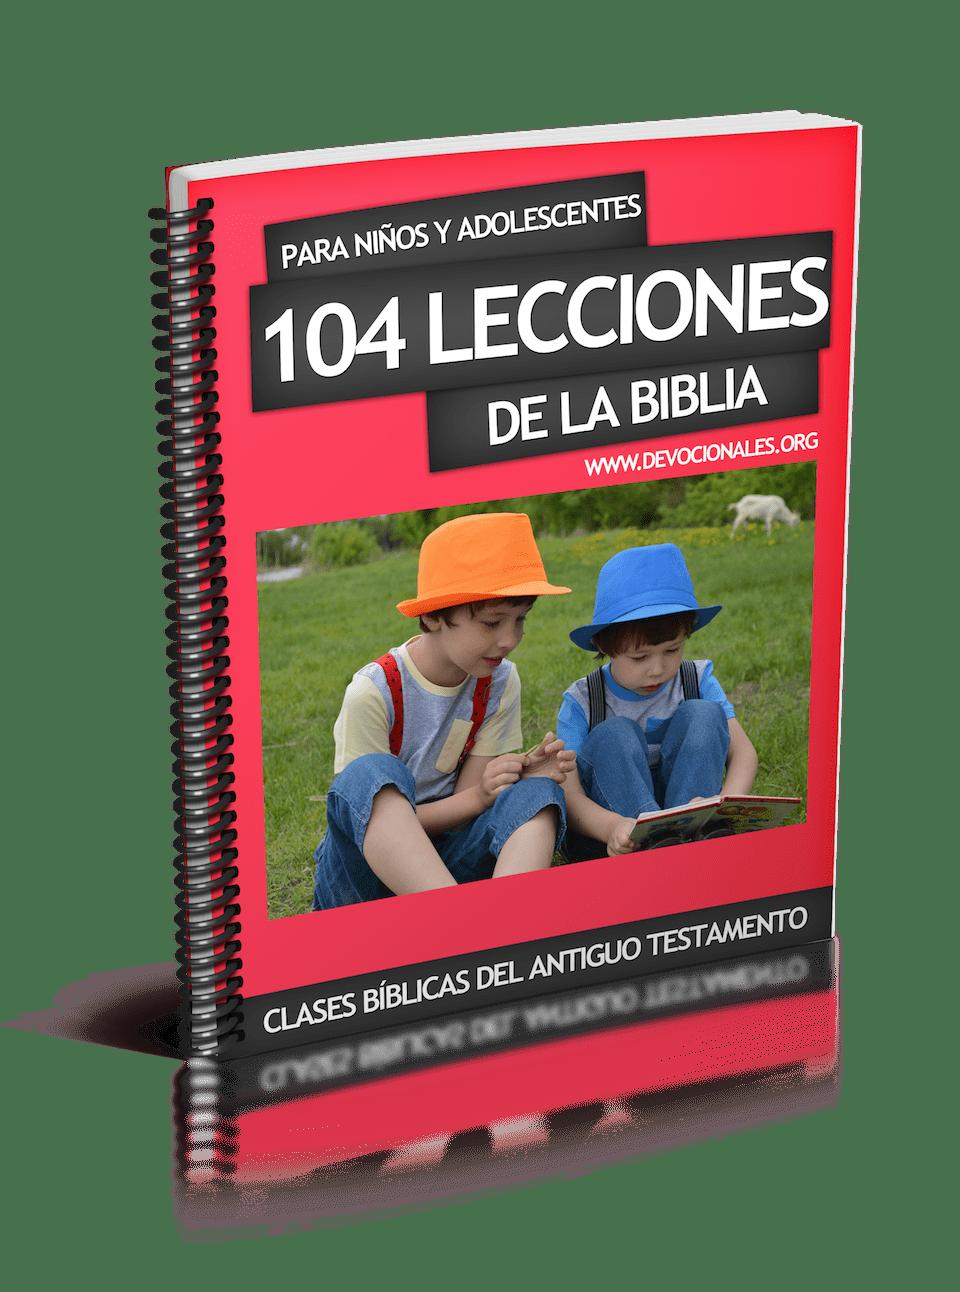 lecciones-clases-para-ninos